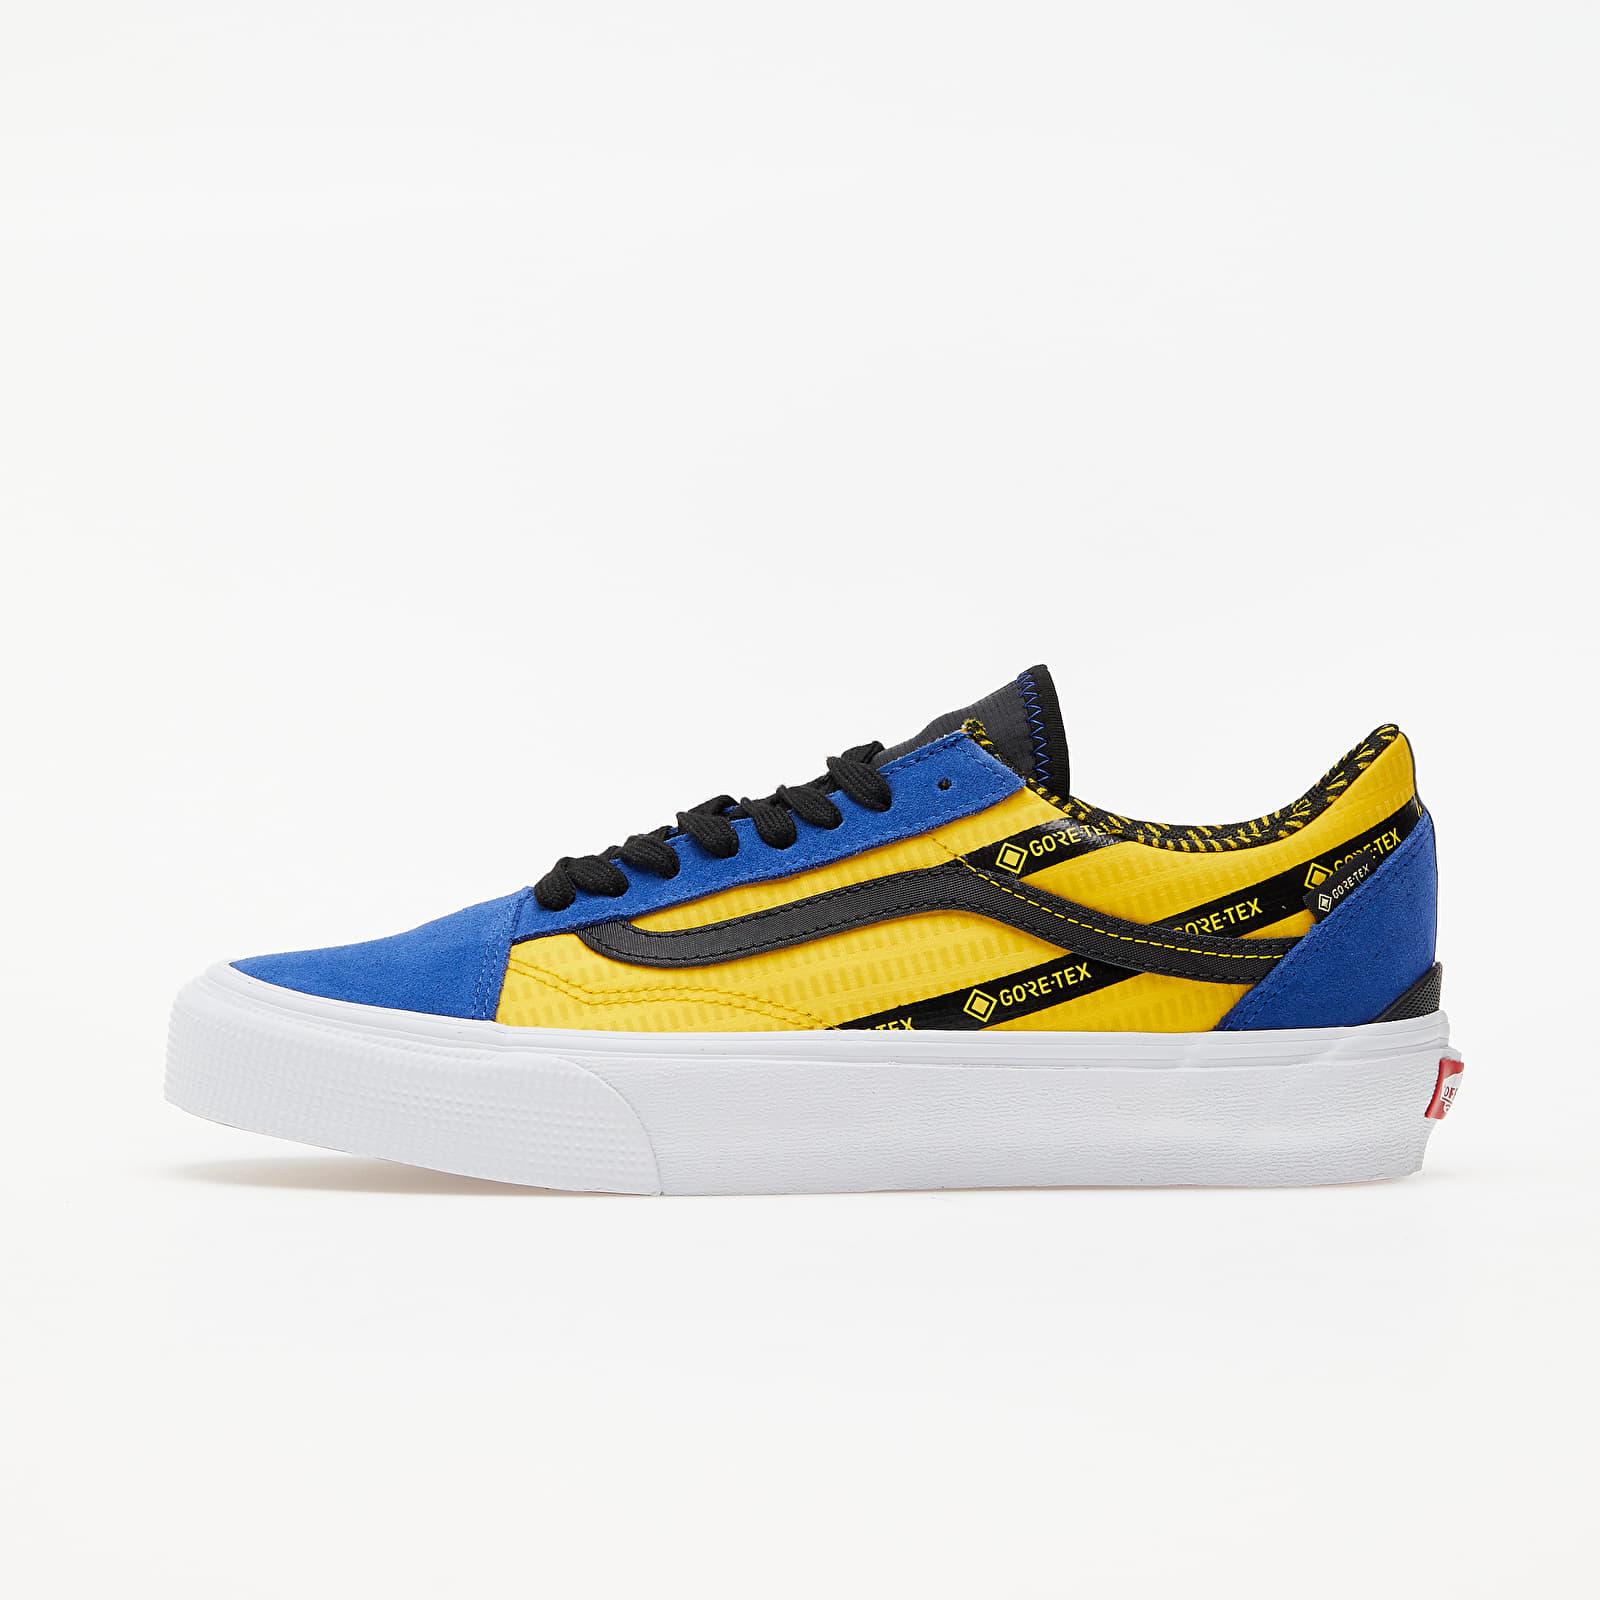 Vans Old Skool Gore-Tex (Gore-Tex) Blue/ Yellow EUR 38.5